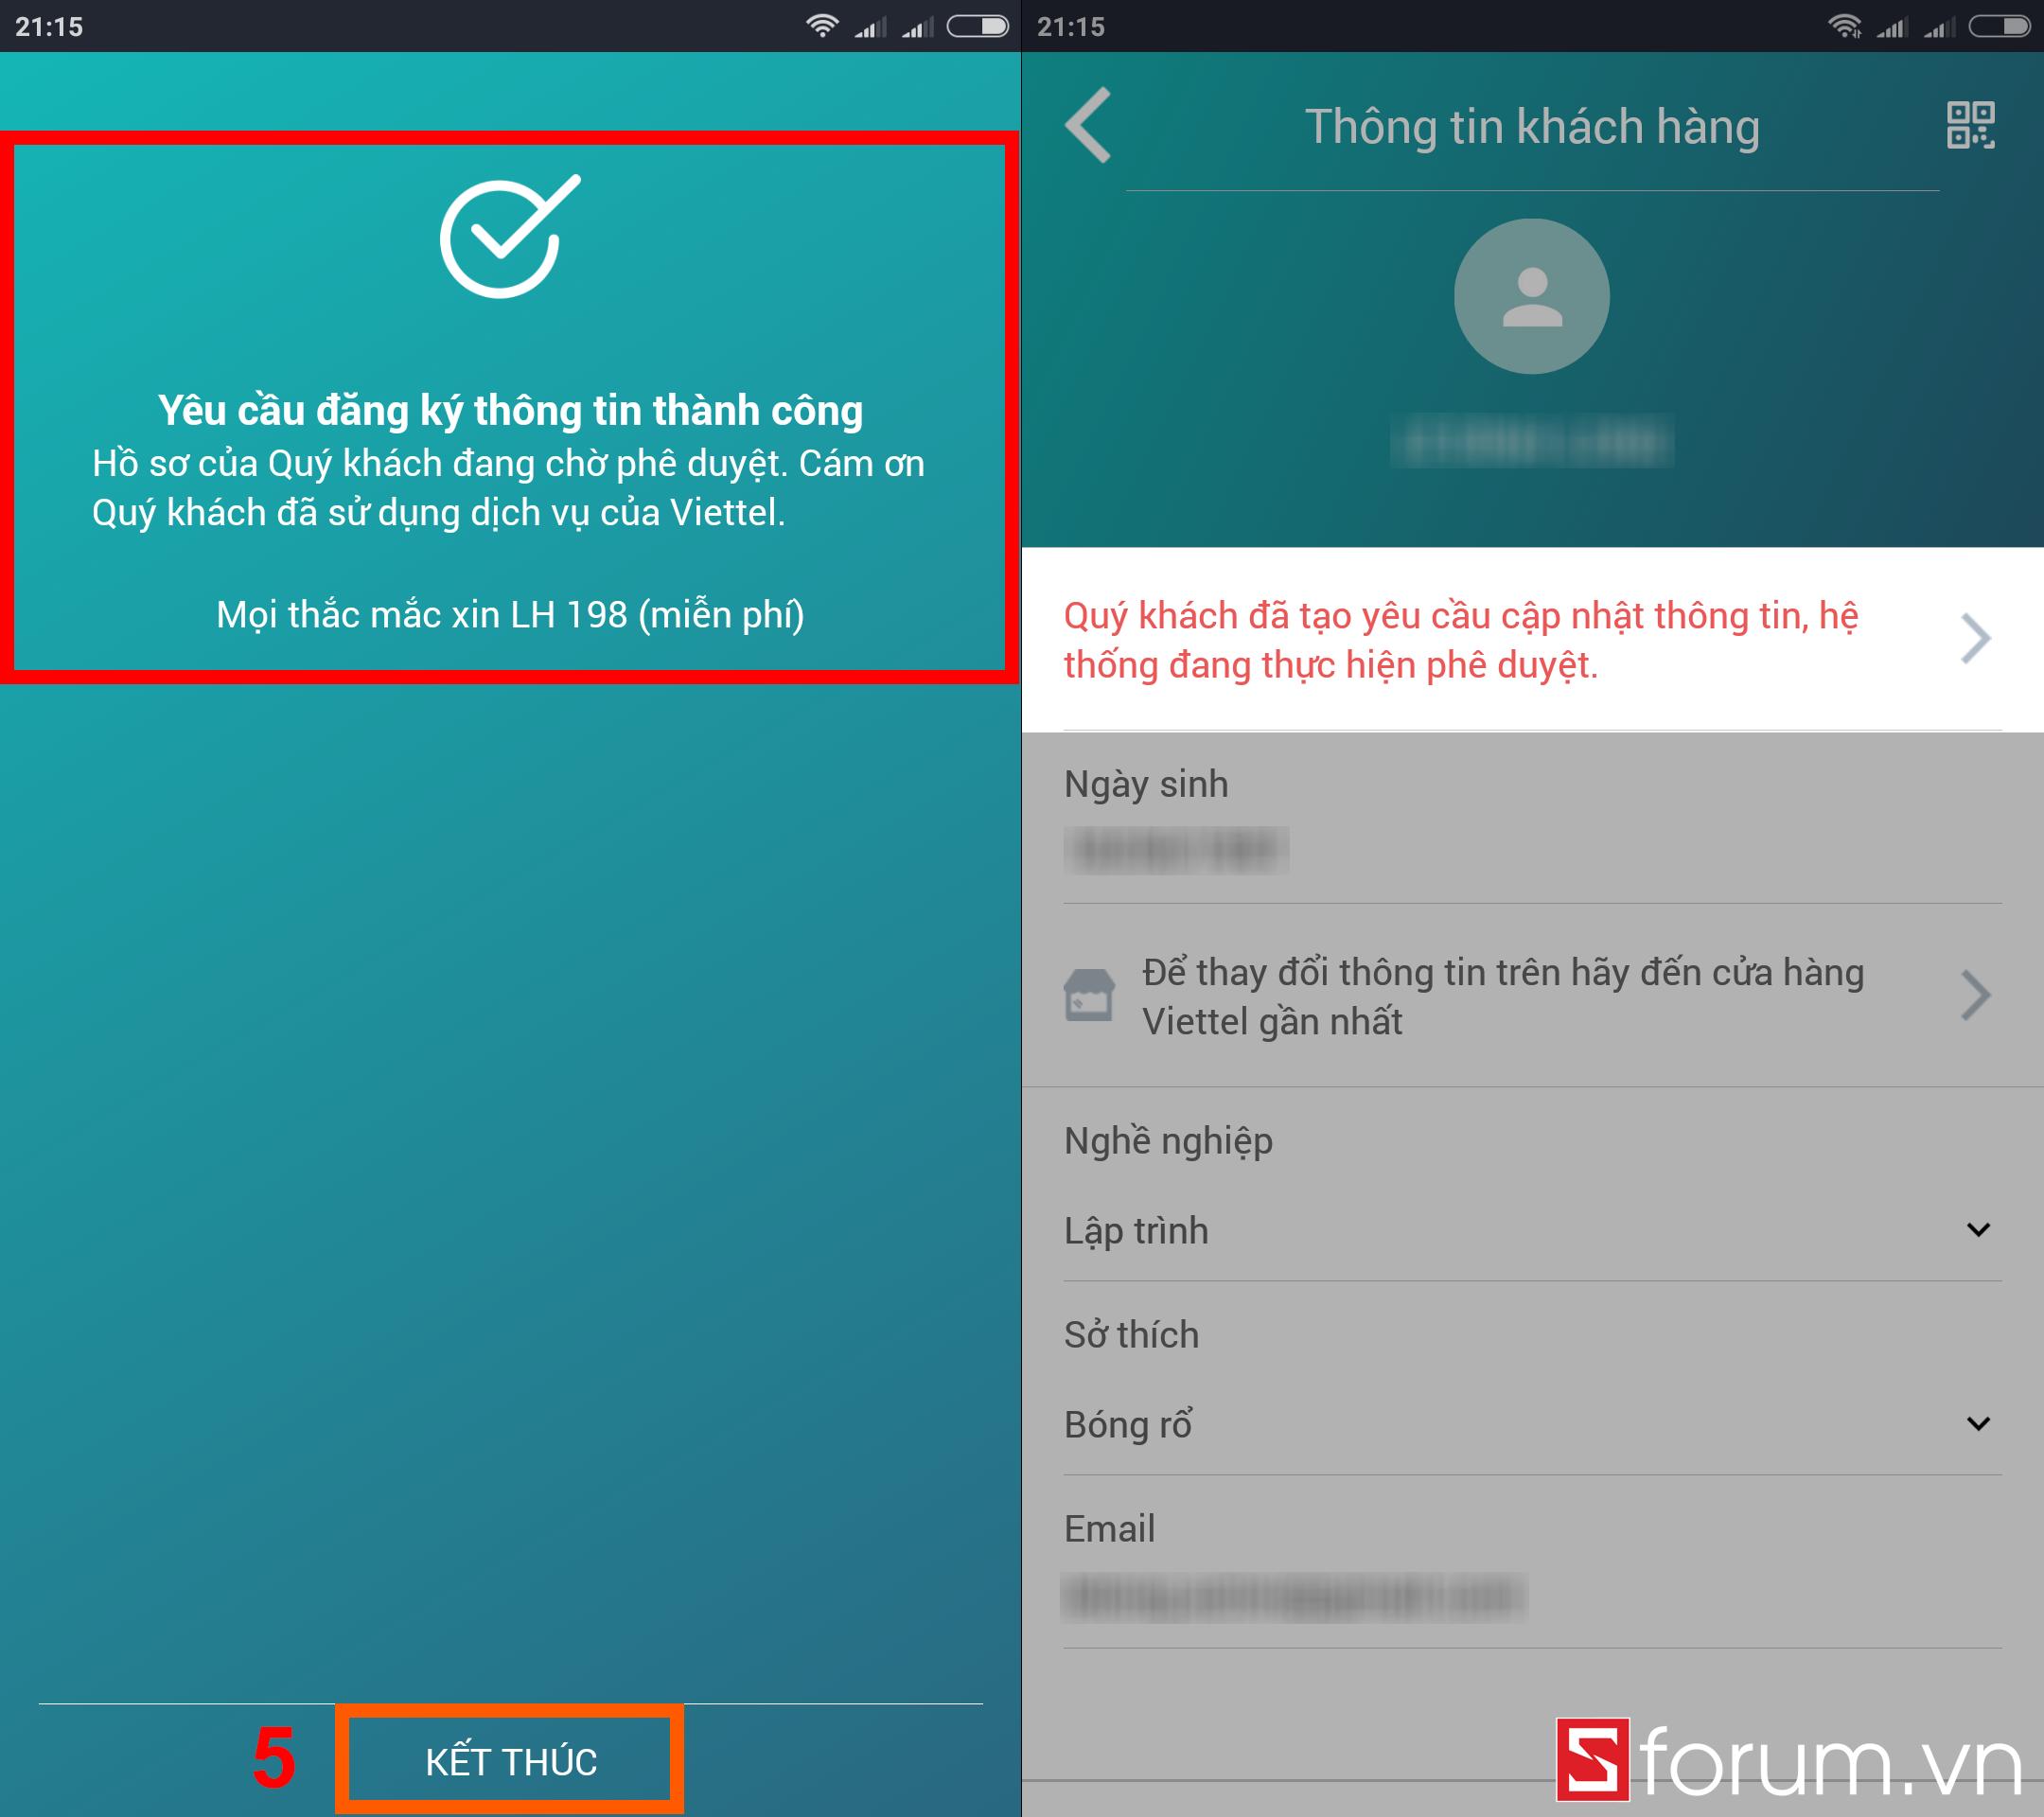 Sforum - Trang thông tin công nghệ mới nhất dk-tttb-viettel-sforum-6 Hướng dẫn tra cứu và cập nhật thông tin thuê bao Viettel ngay tại nhà bằng smartphone